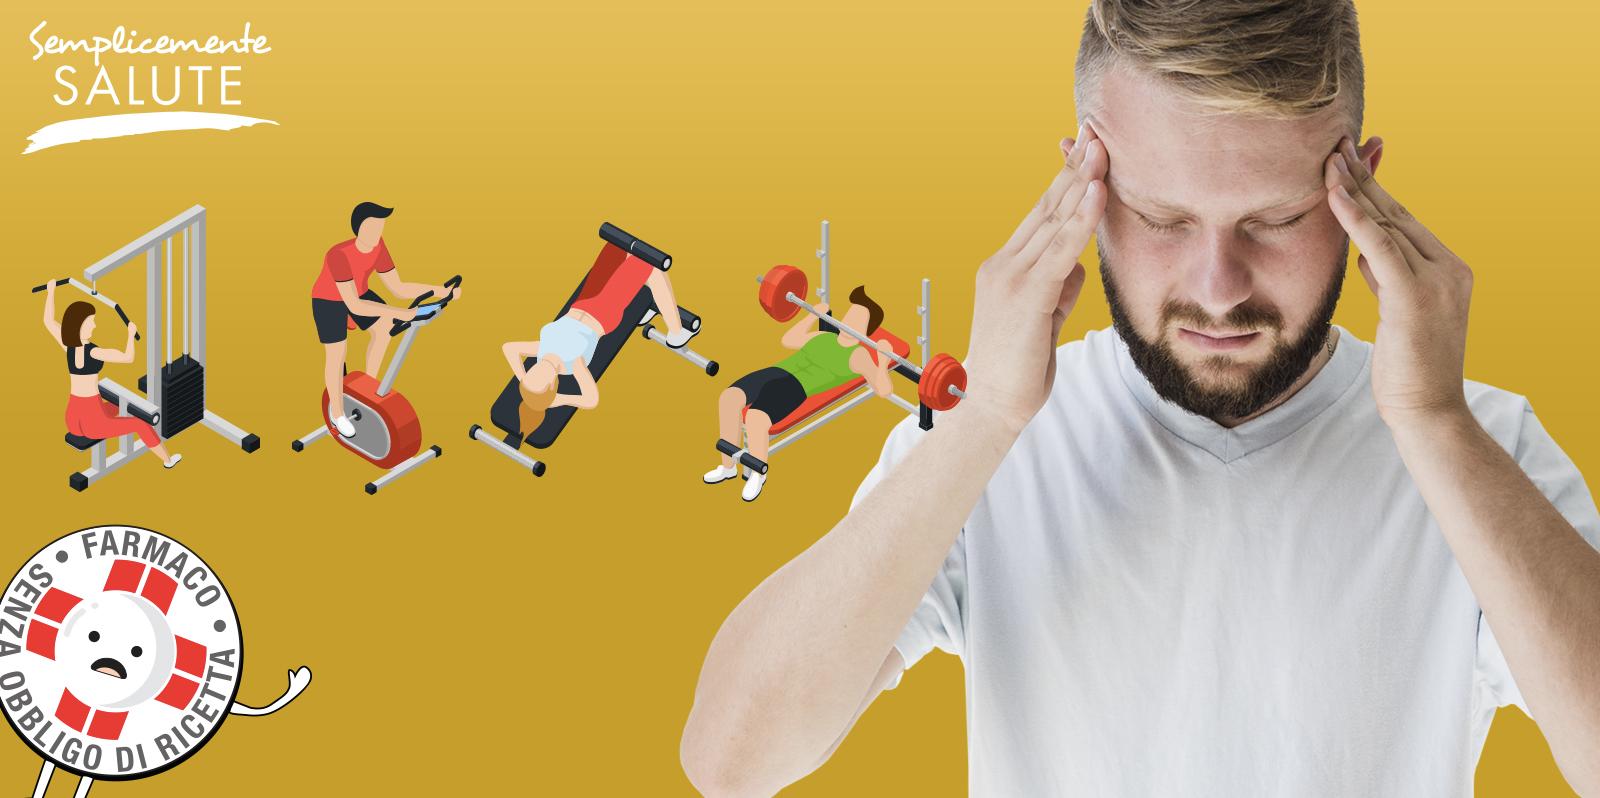 Mal di testa Se riuscite fate movimento